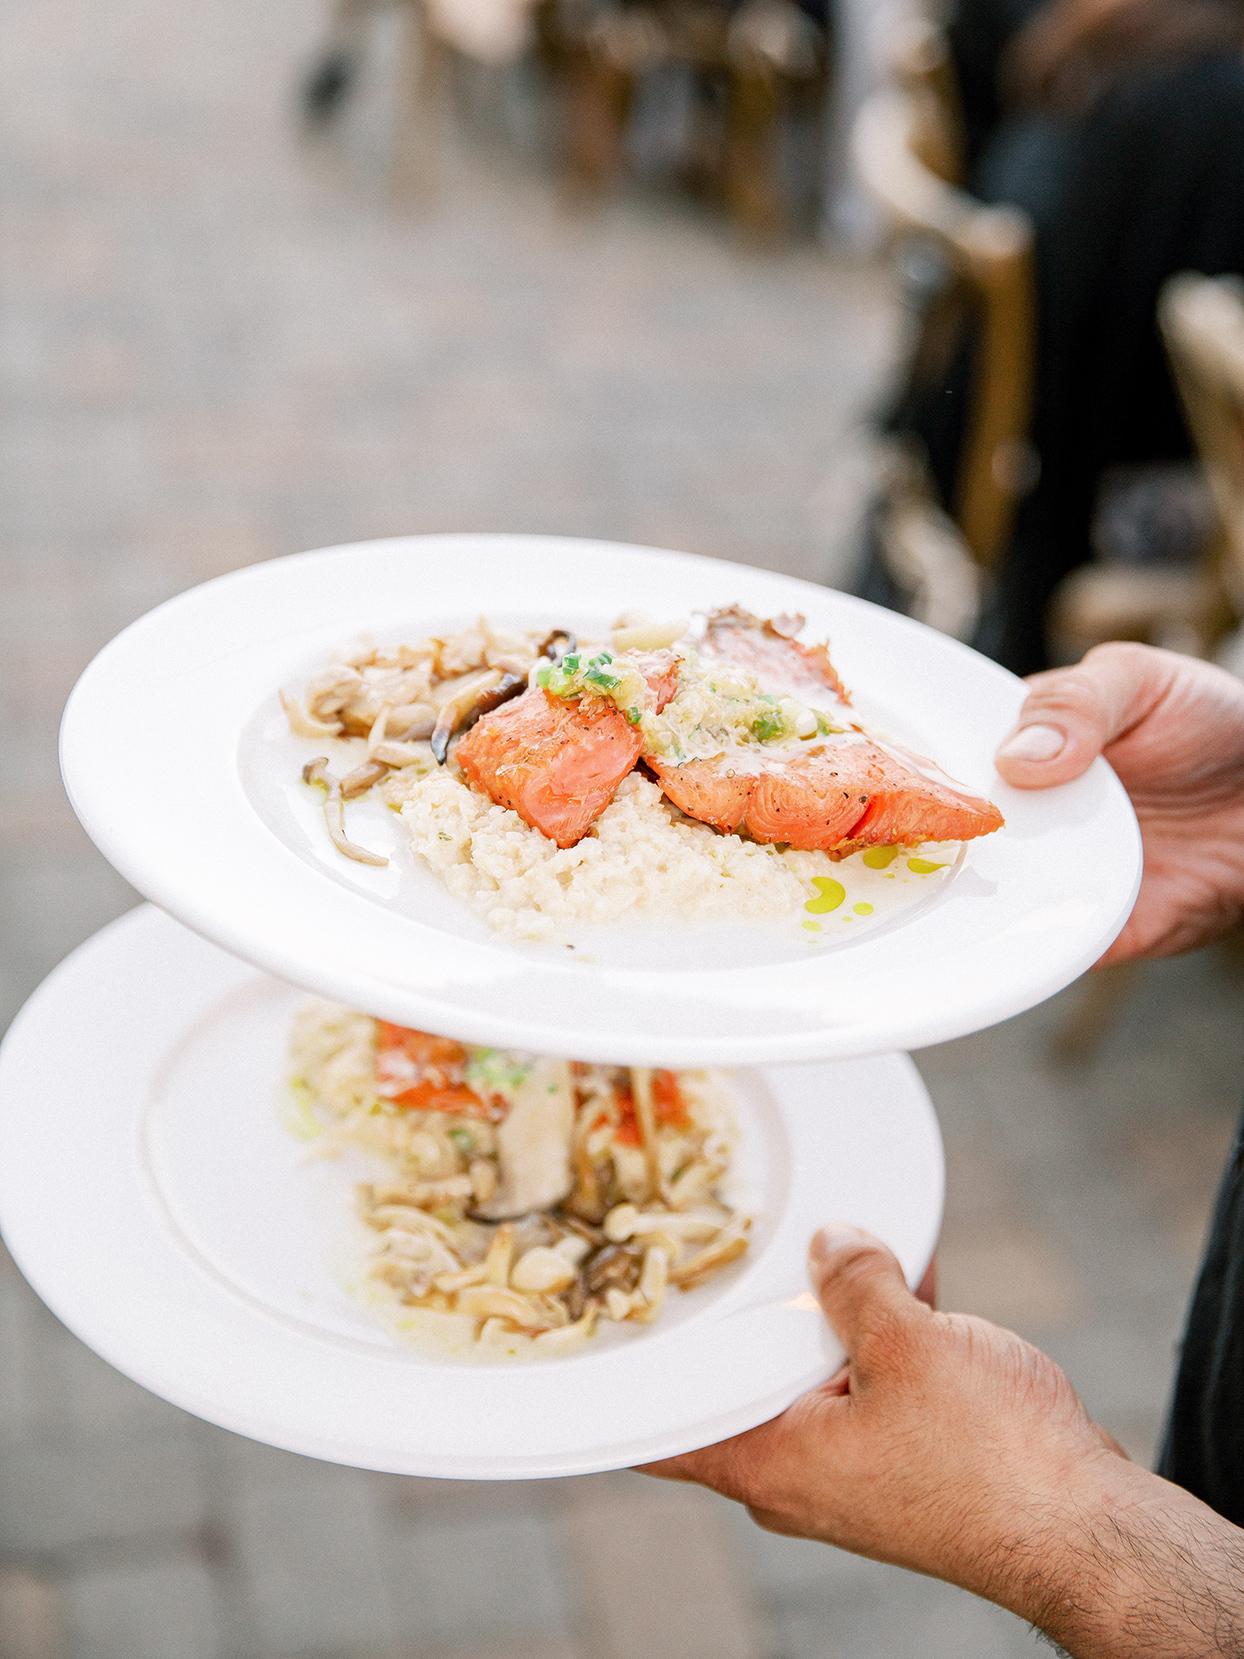 salmon dinner on white plates at rehearsal dinner